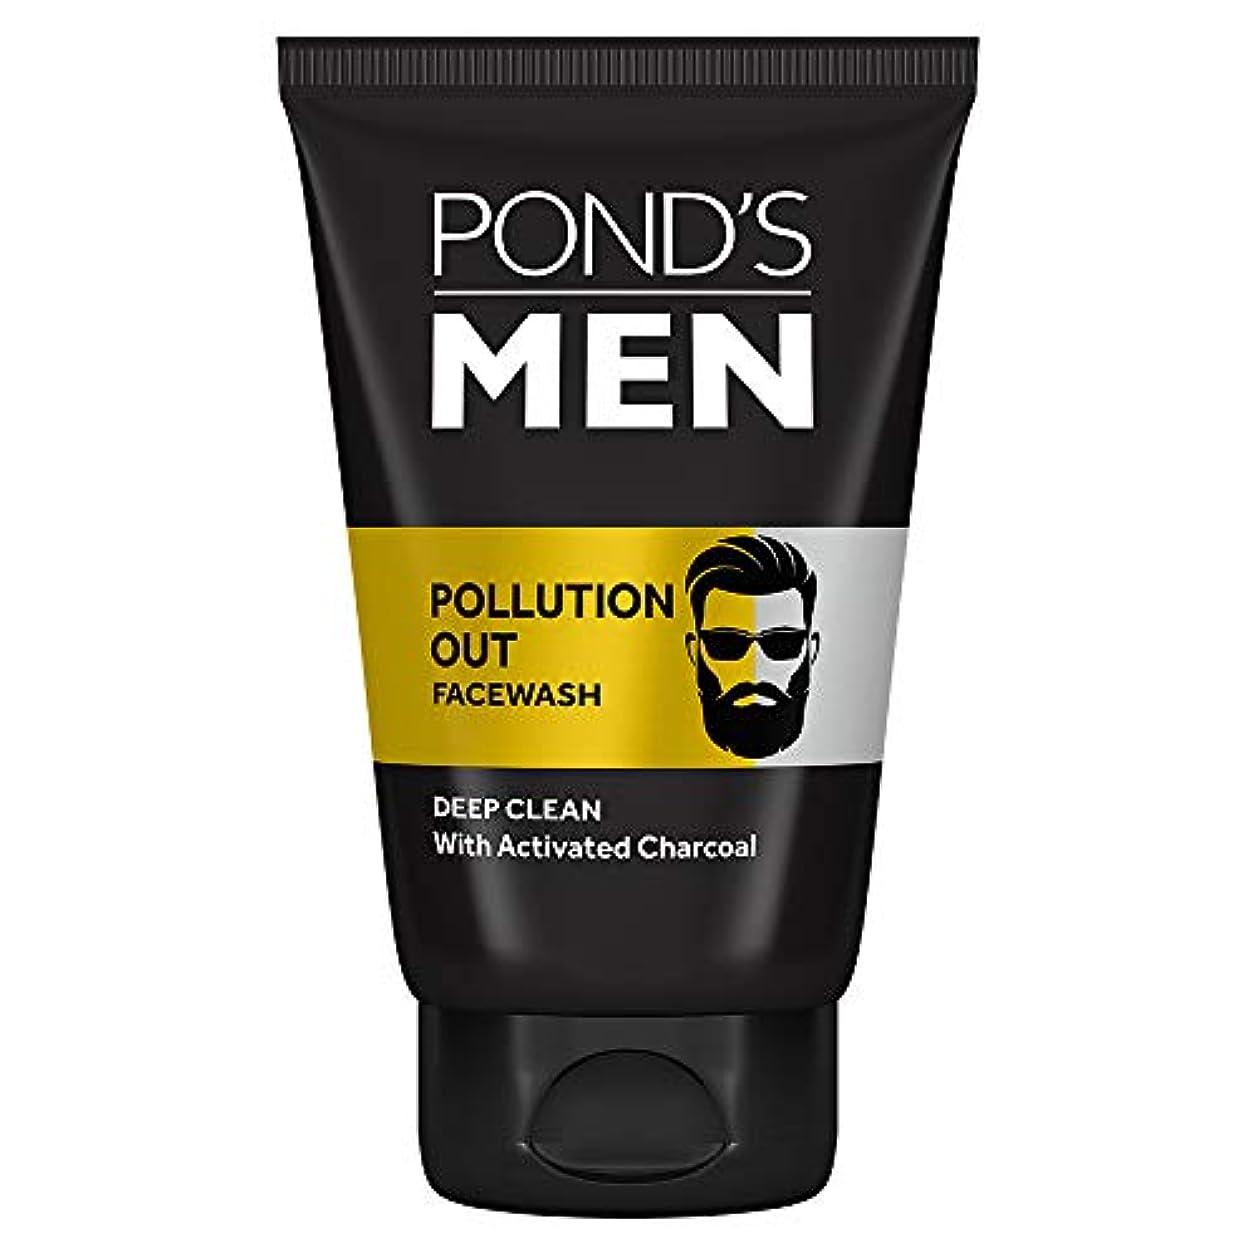 順応性のあるジョガースーパーマーケットPond's Men Pollution Out Face Wash, Feel Fresh 100gm